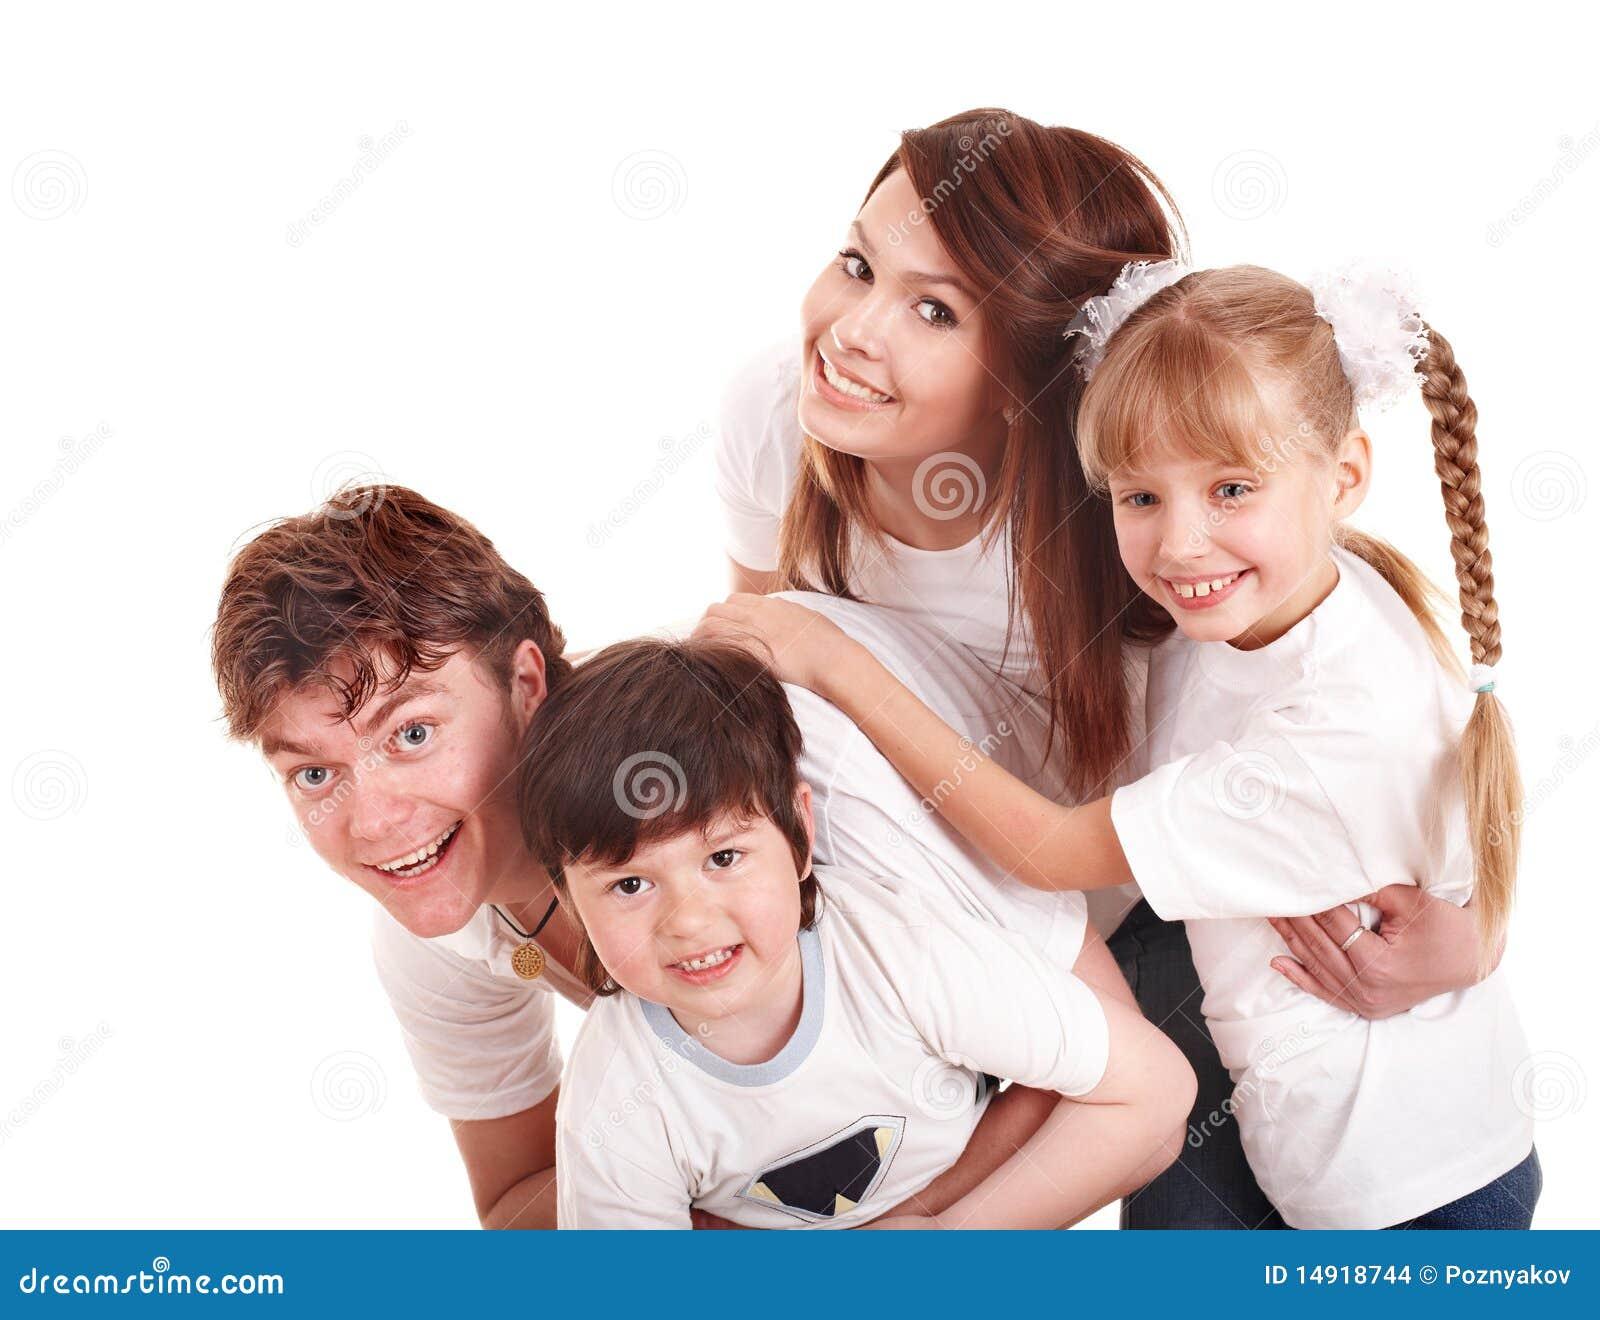 Family upbringing